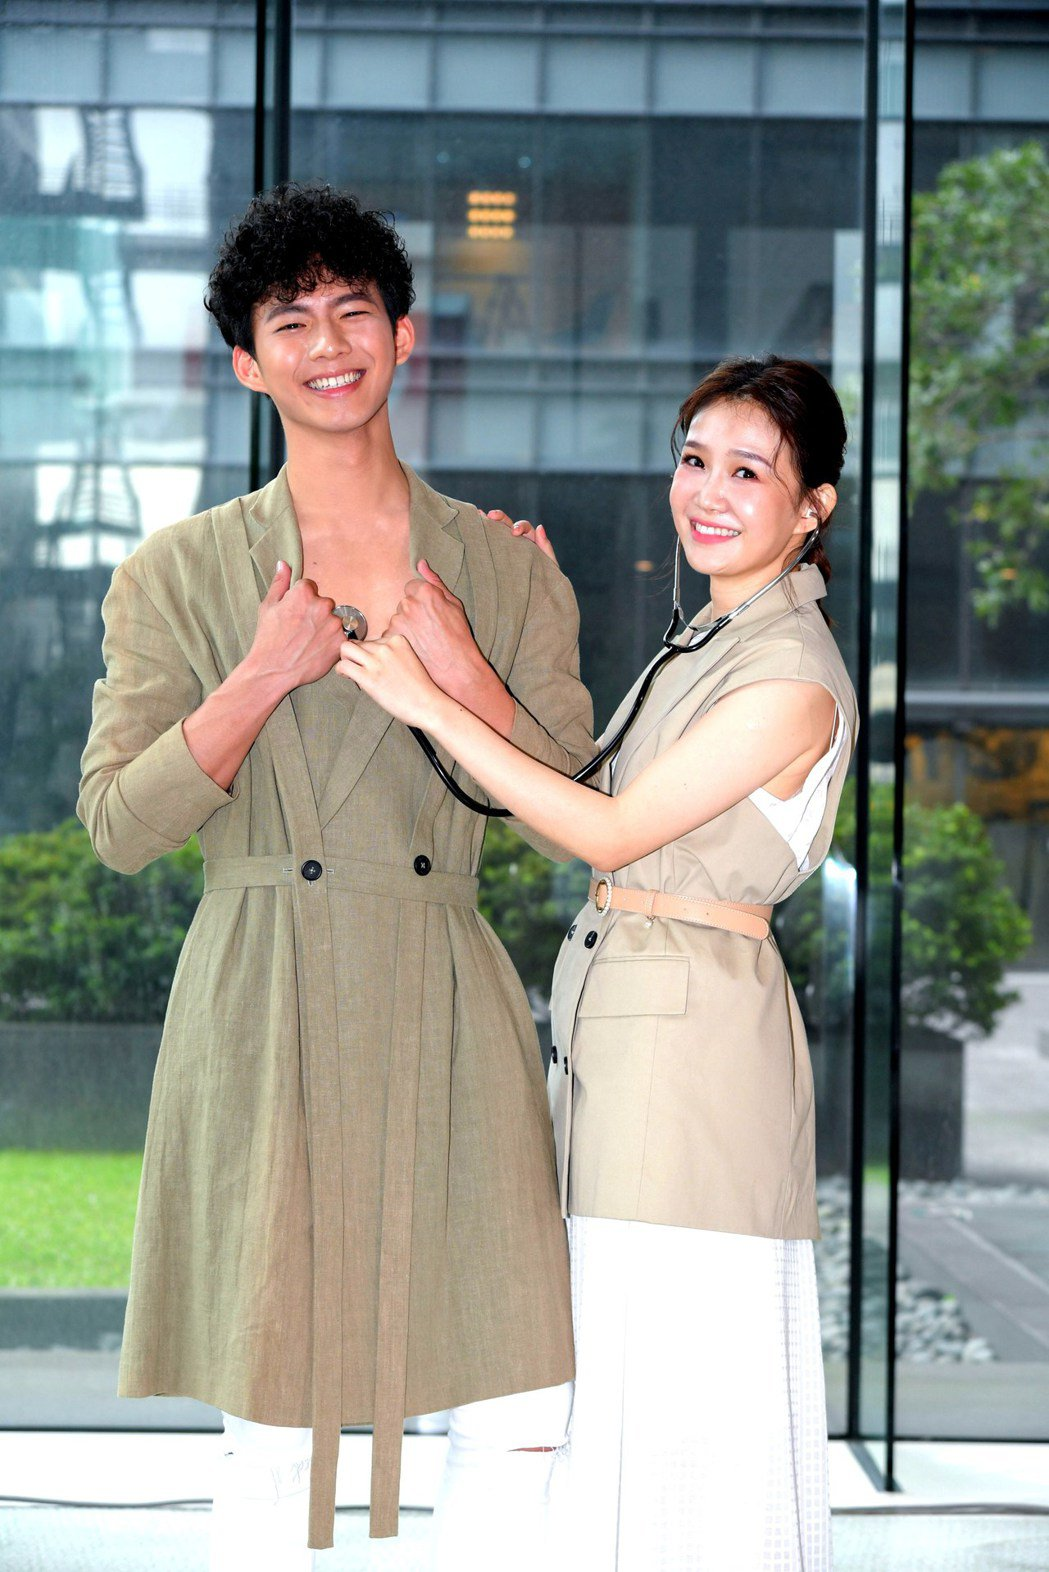 李佳豫(右)在戲中飾演醫師,將與吳念軒展開一段戀情。圖/三立提供